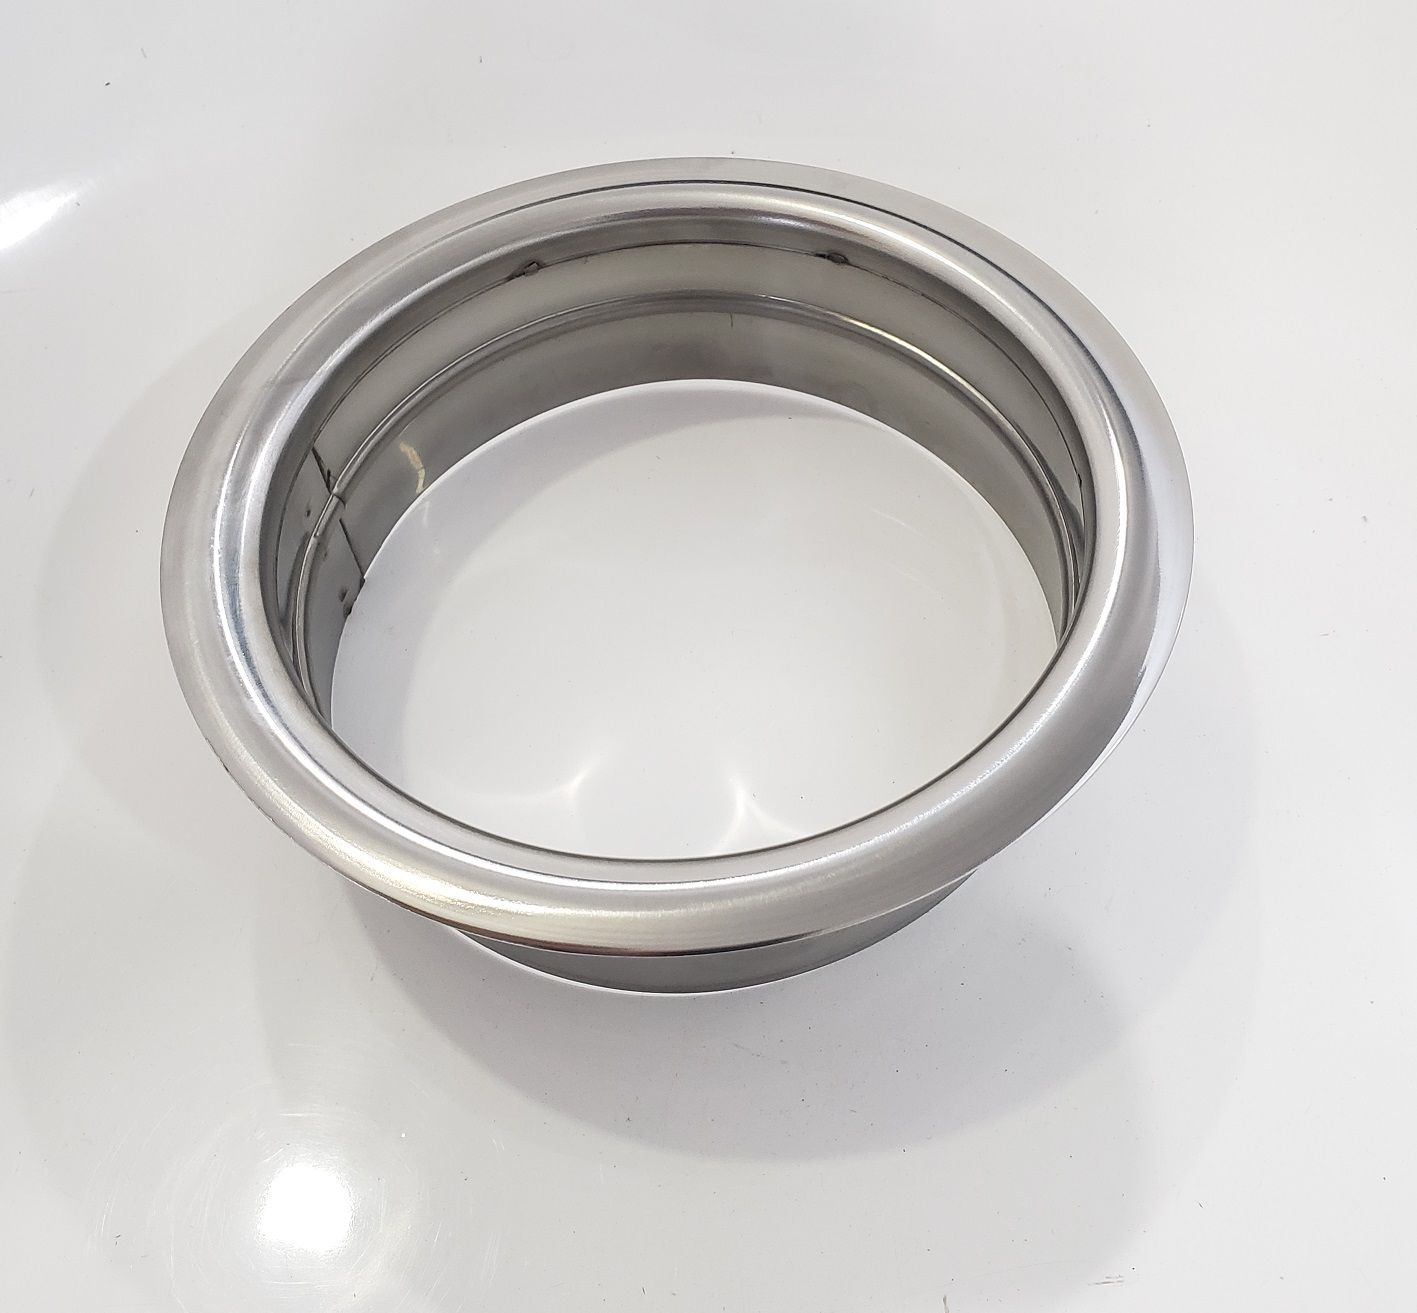 Aro Acabamento  p/ furo de 15cm na bancada em  Aço Inox